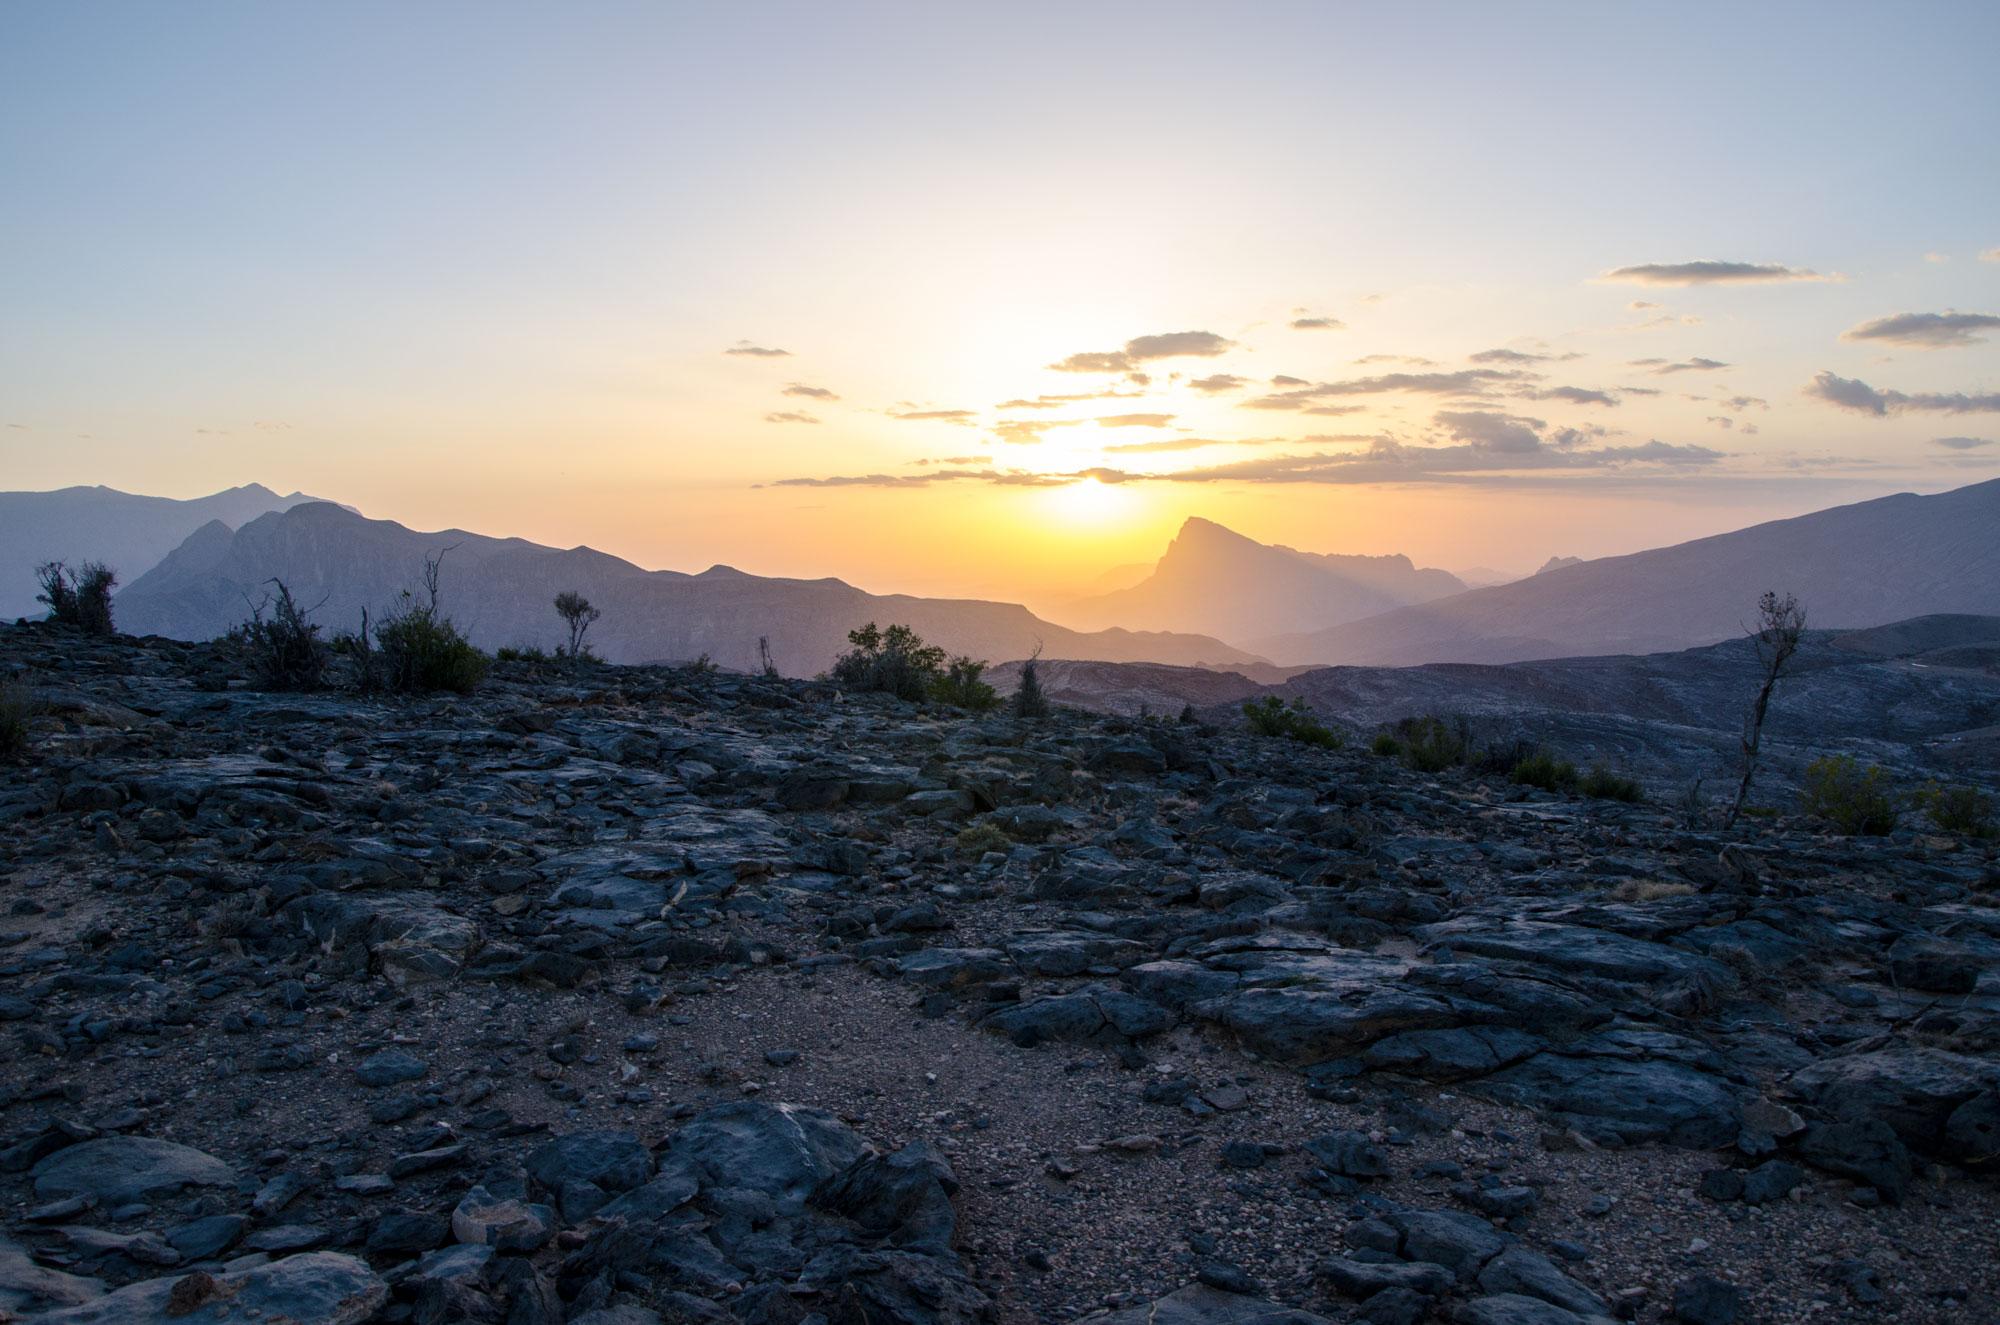 Eine Übernachtung am Jebel Shams lässt unsere Herzen beim Anblick des Sonnenuntergangs höher schlagen. Foto: Lothar Ruttner